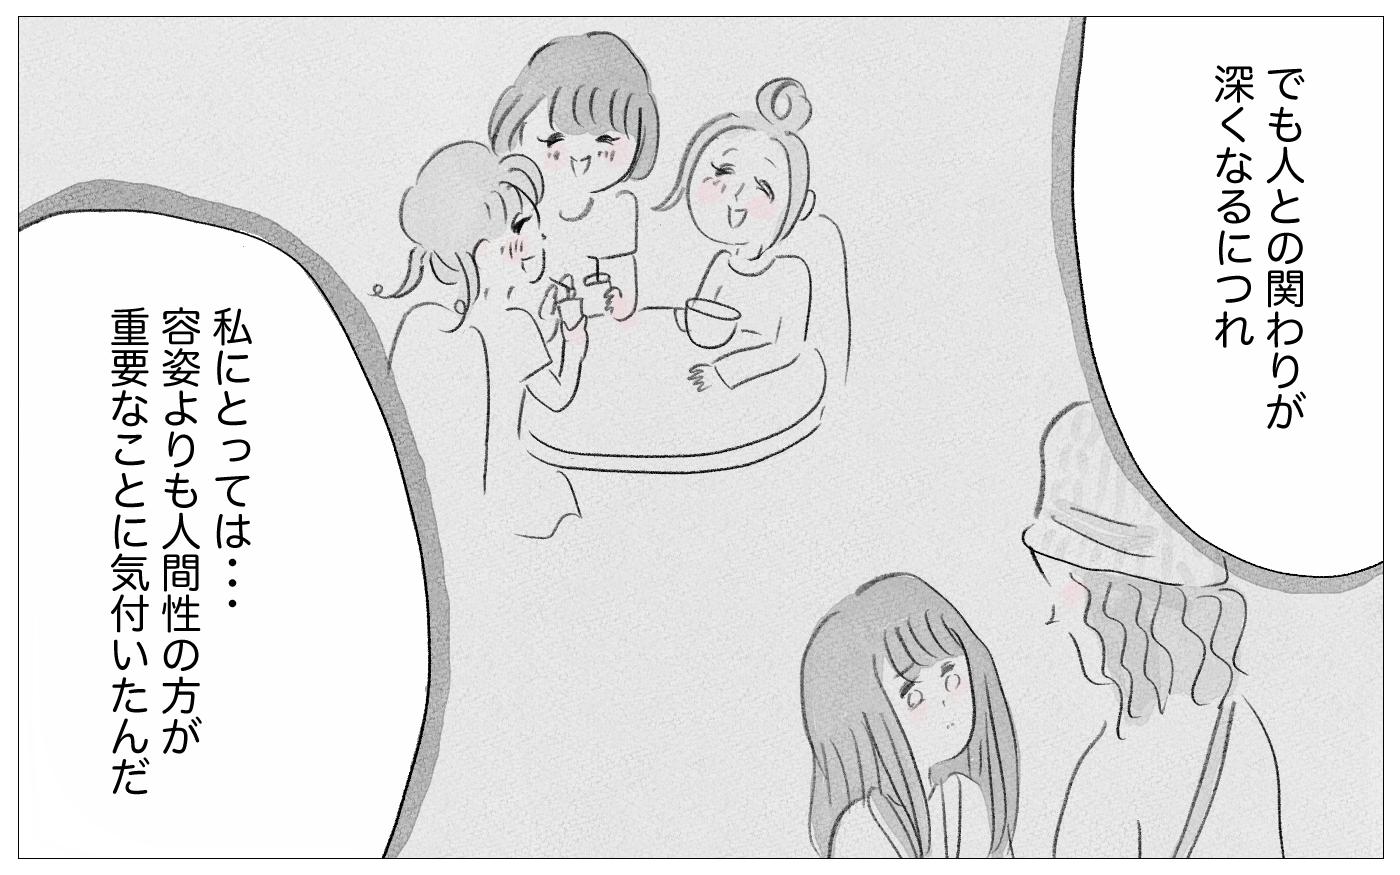 親に整形させられた私が、母になる